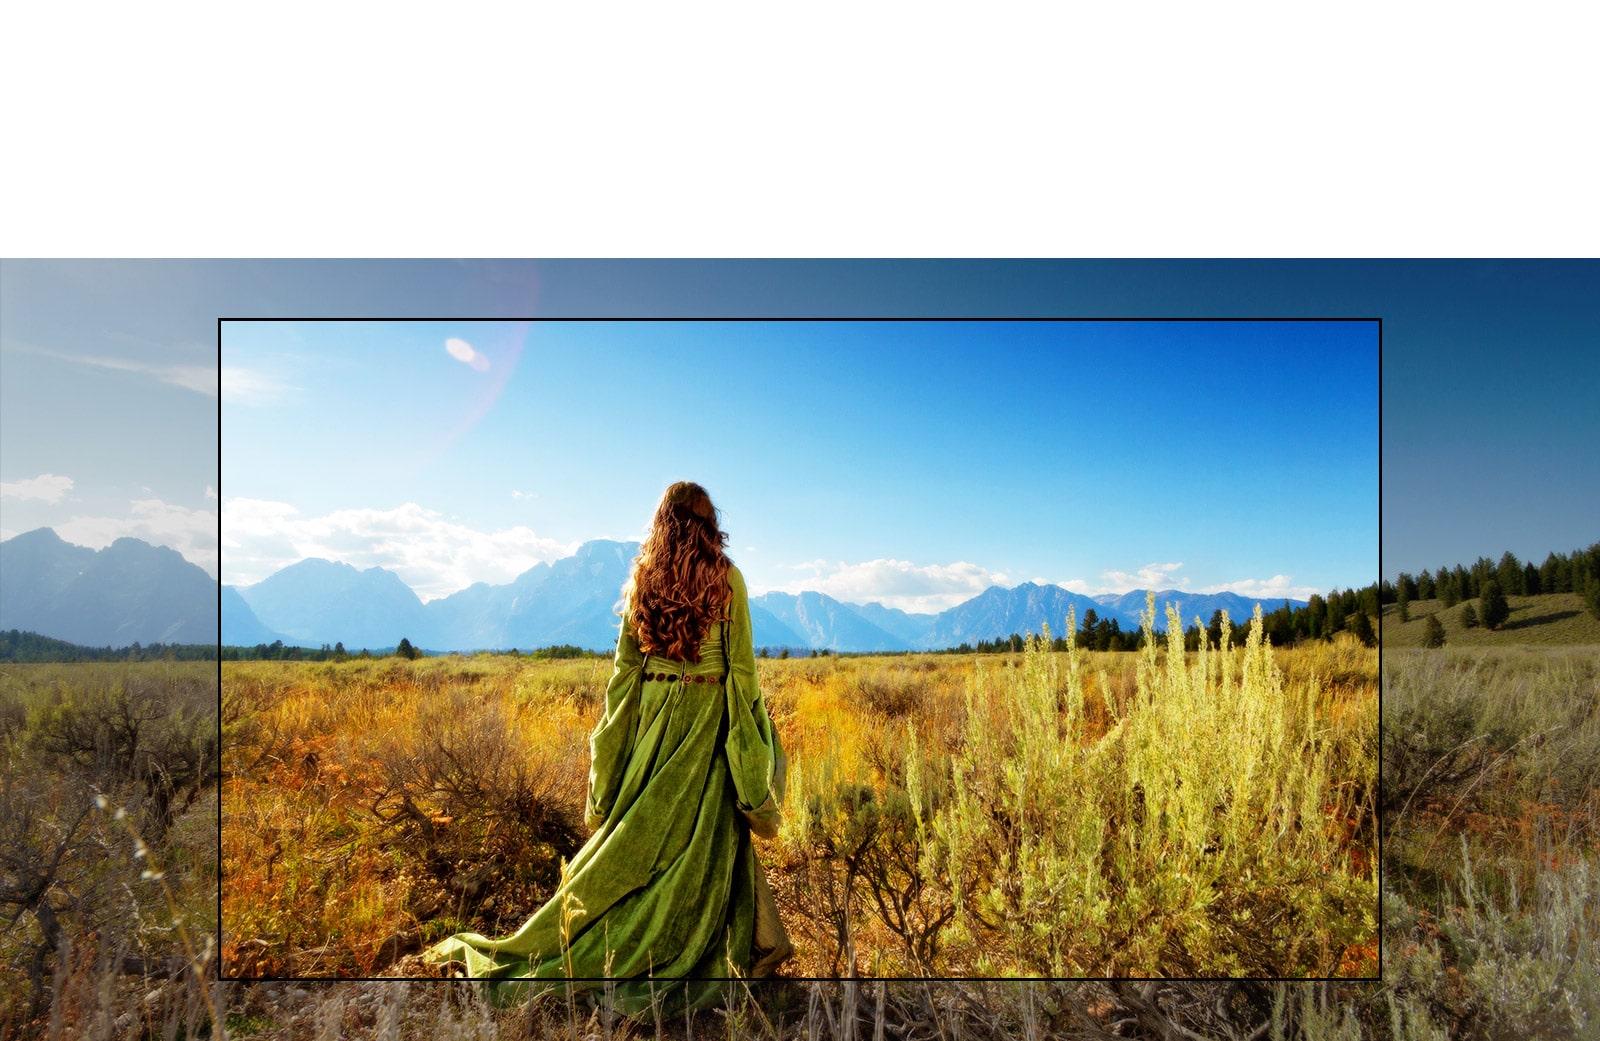 شاشة لتلفزيون يعرض أحد المشاهد من فيلم خيالي تظهر فيه امرأة تقف في الحقول المواجهة للجبال.